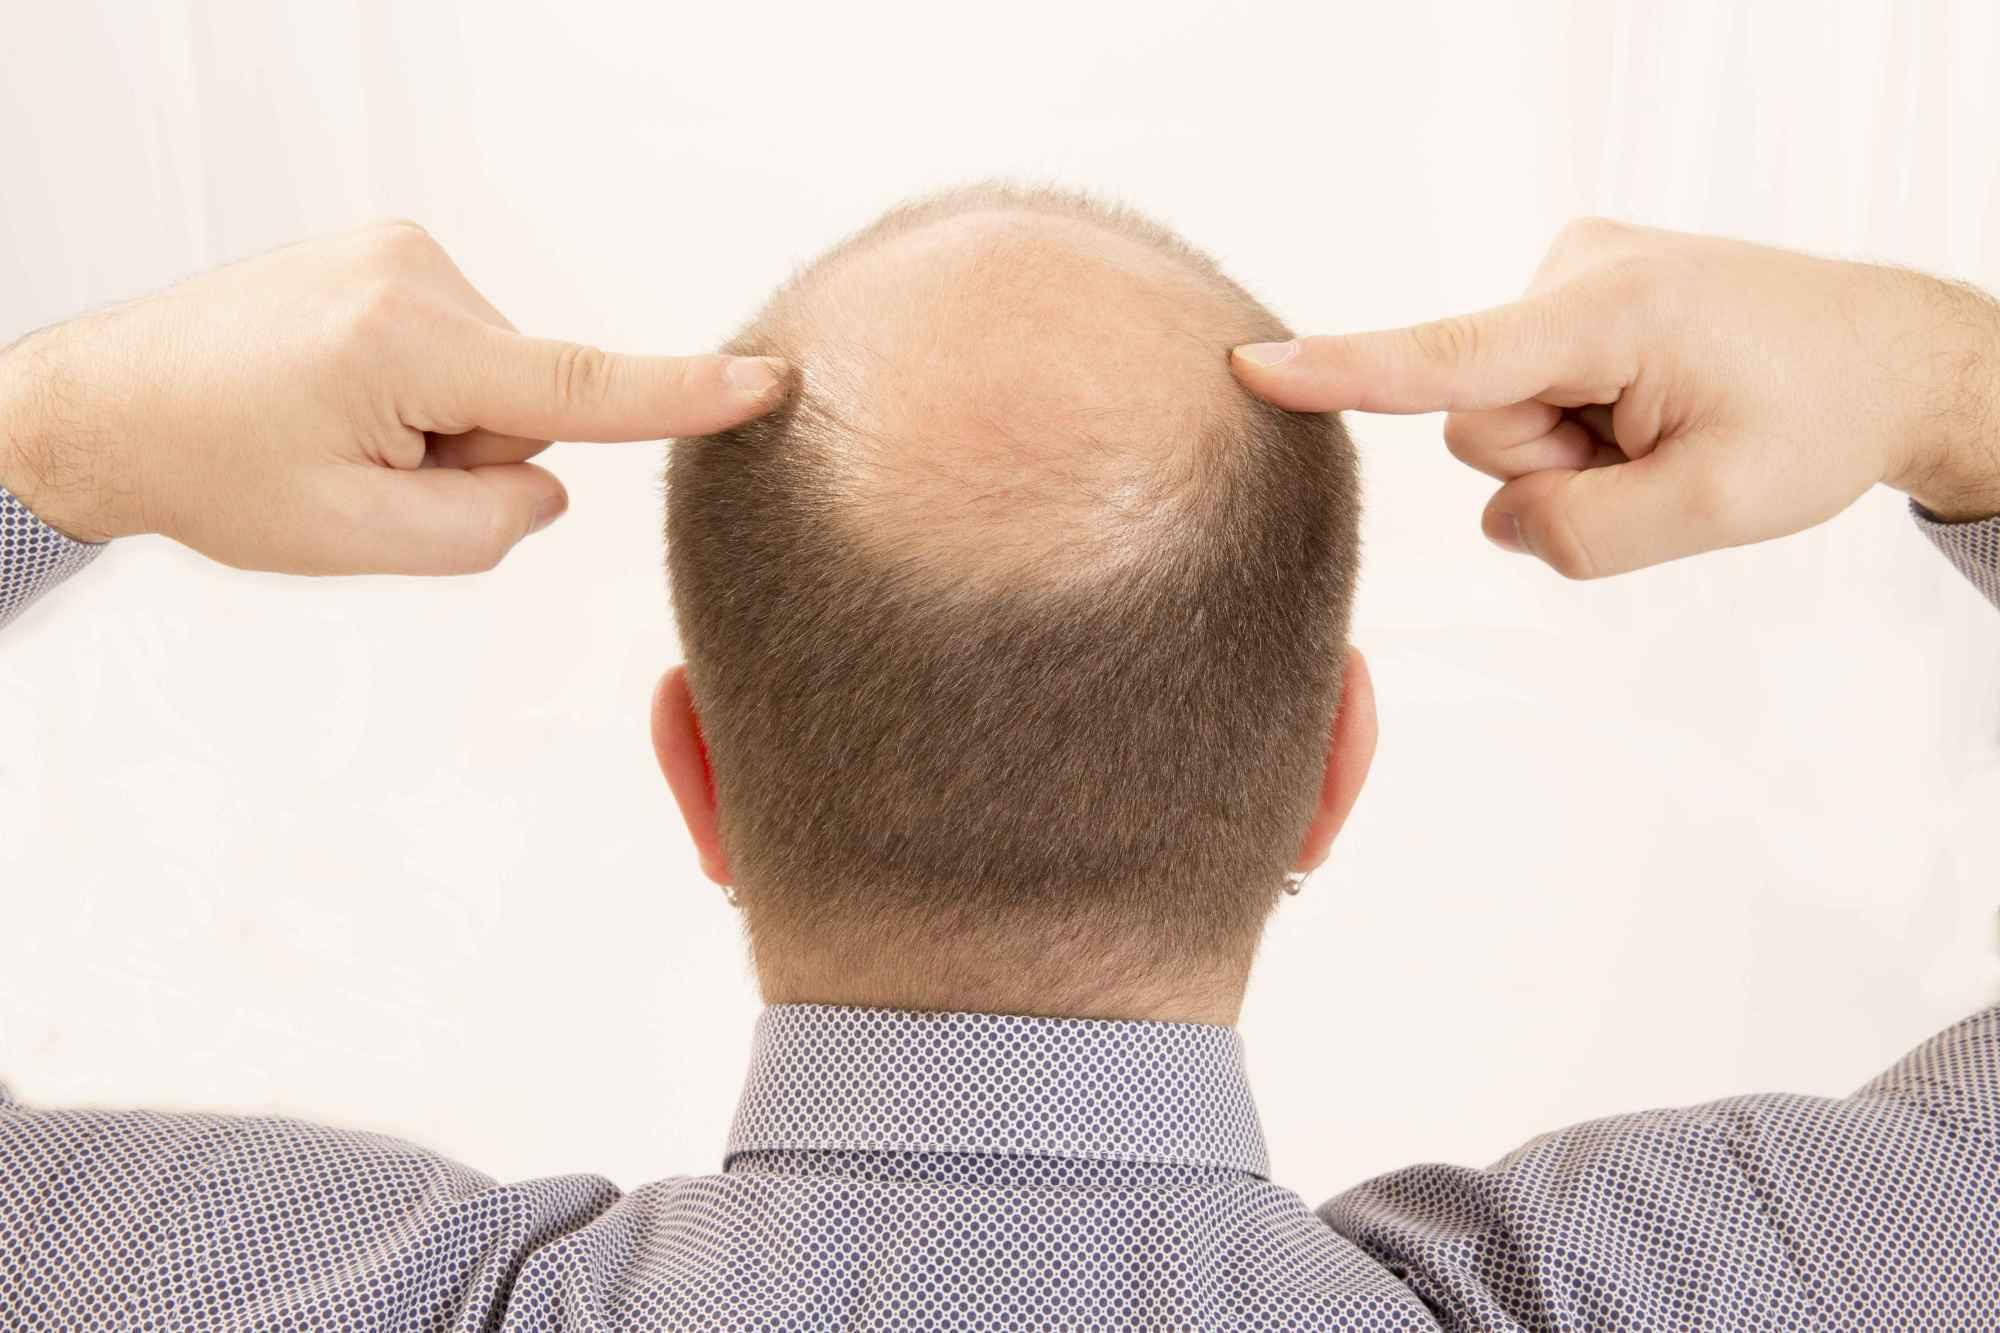 狐狸医生|生姜何首乌洗发水防脱发?常见脱发问题八问八答